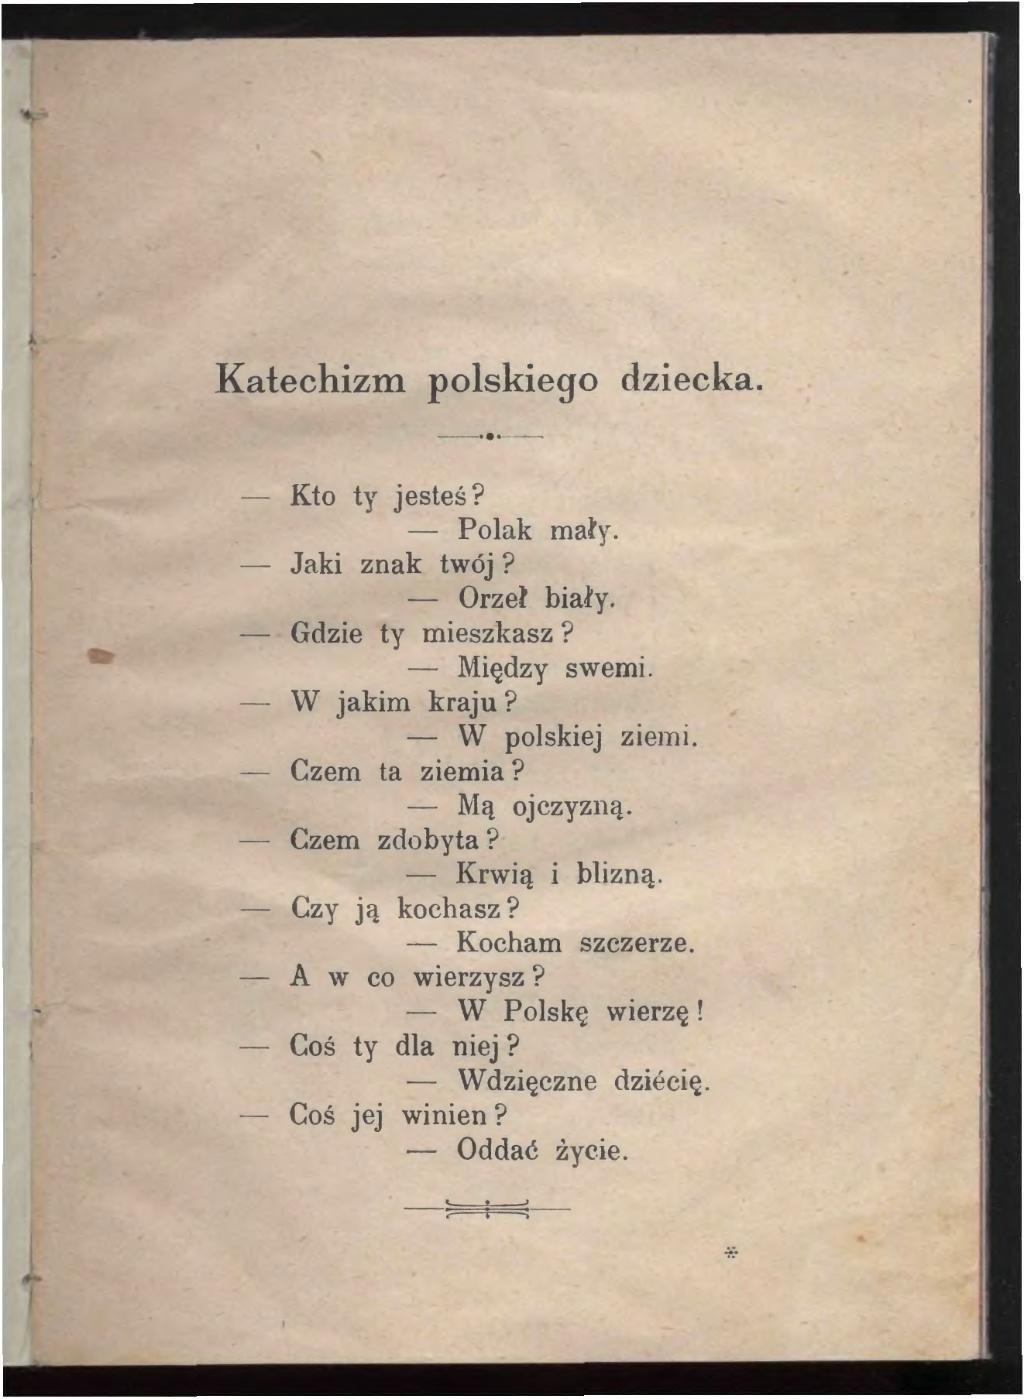 Stronapl Bełza Władysław Katechizm Polskiego Dziecka